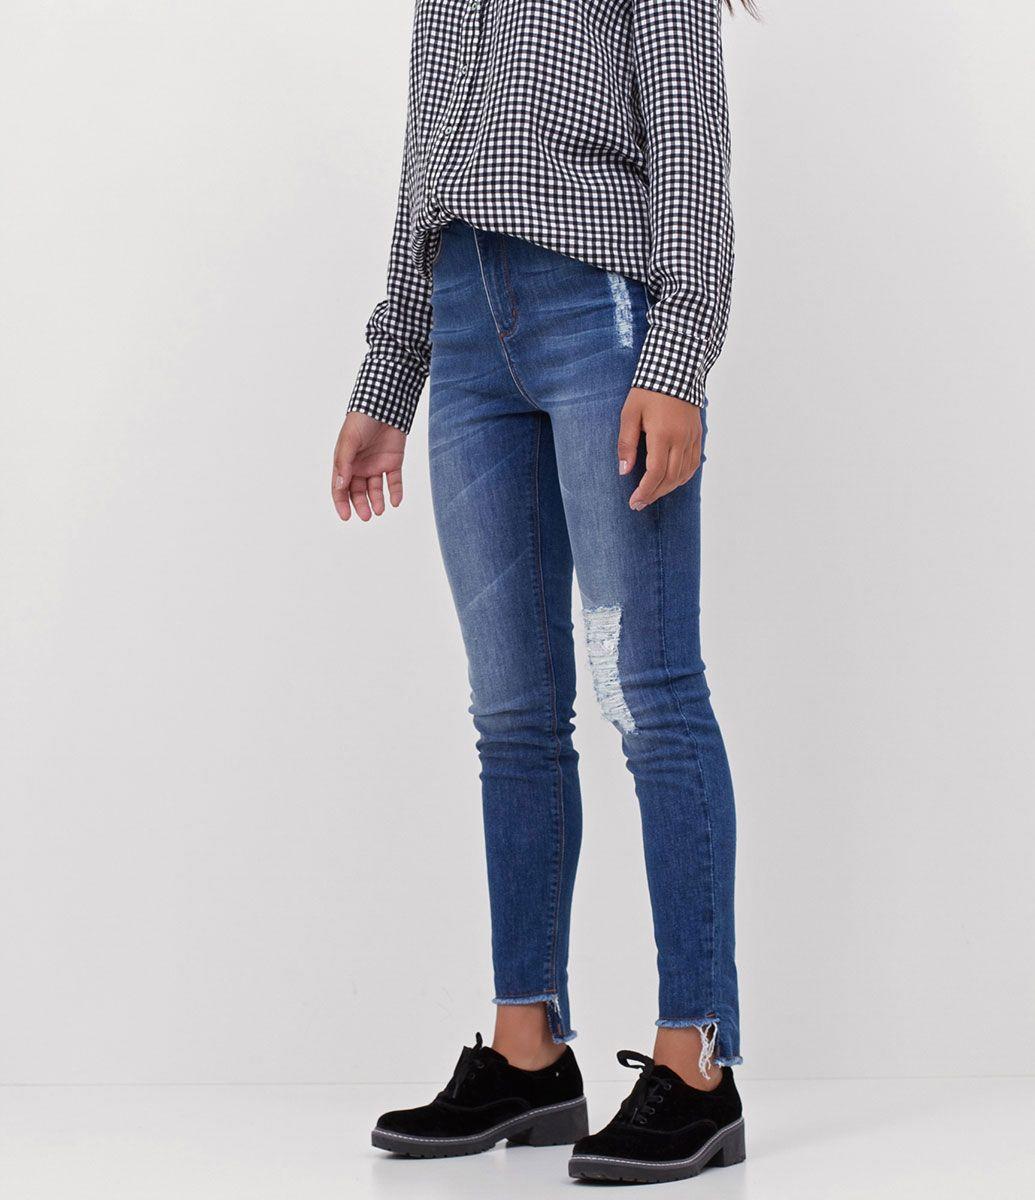 2d2125532 Calça feminina Modelo cigarrete Com puídos Com barra desfiada Marca: Blue  Steel Jeans Tecido: